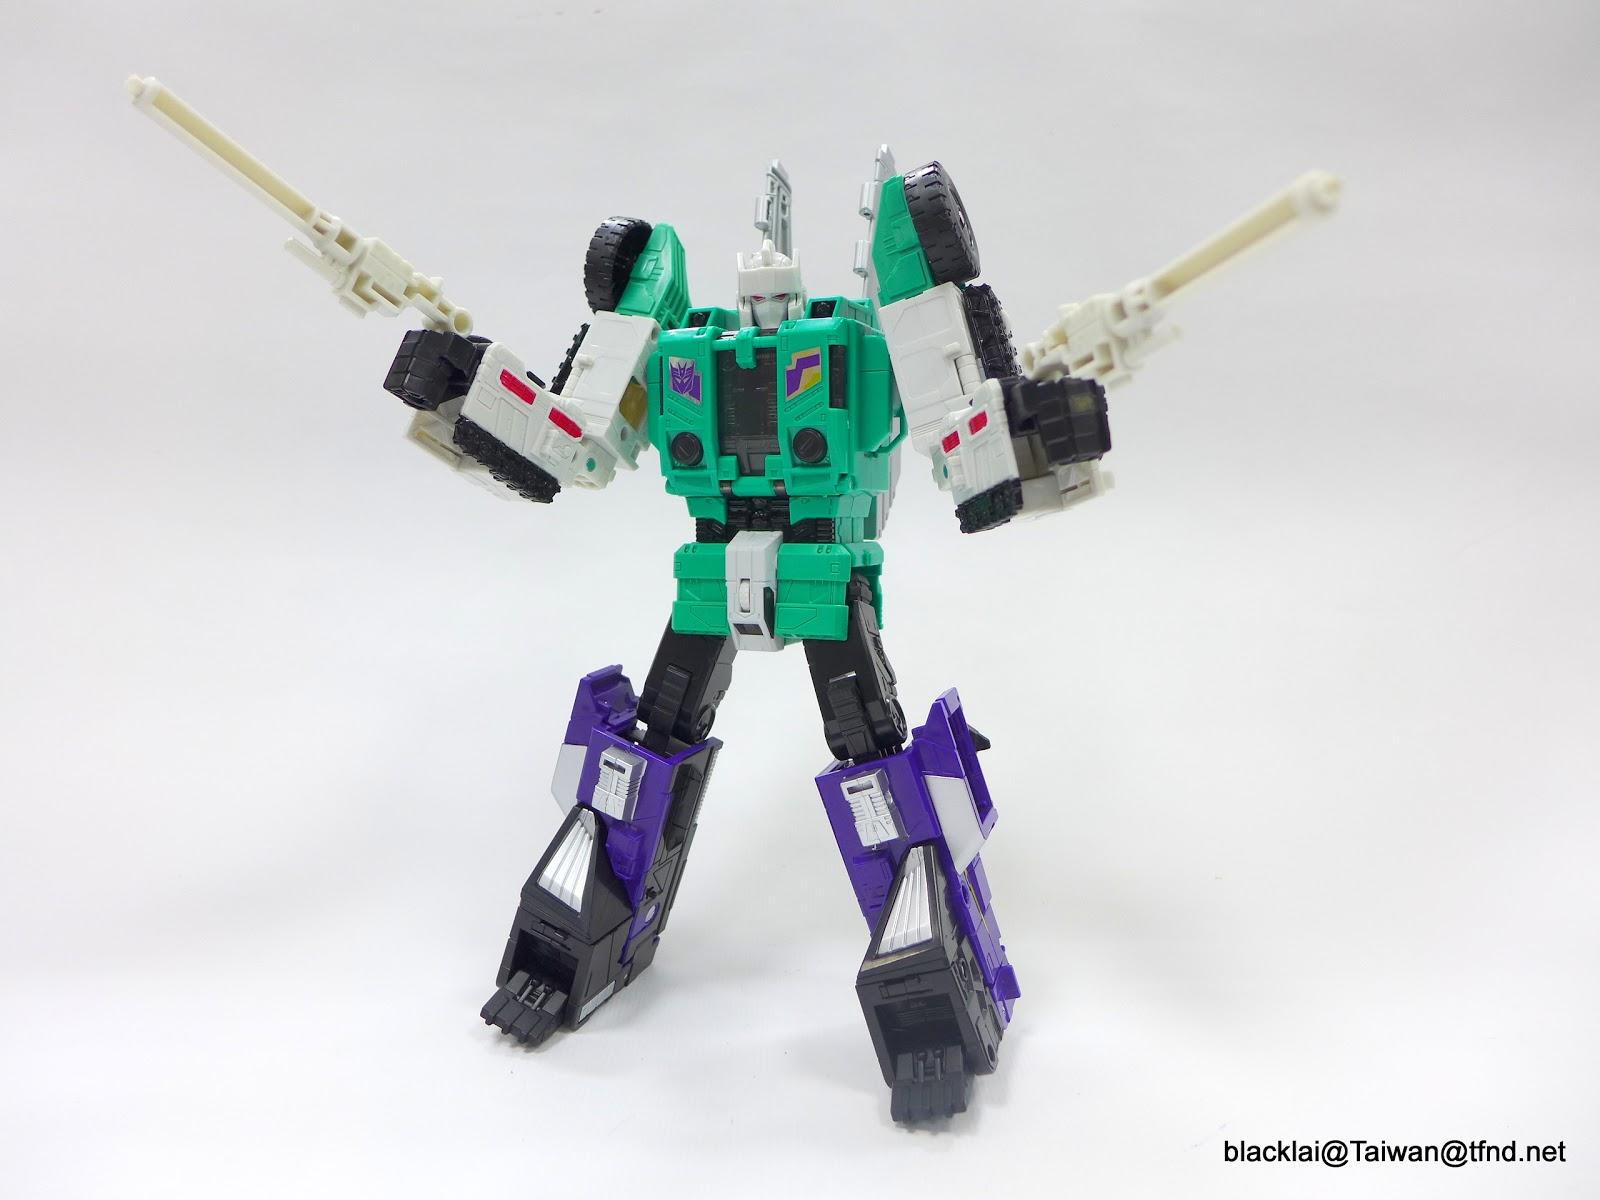 Jouets Transformers Generations: Nouveautés Hasbro - partie 2 - Page 40 P1500979